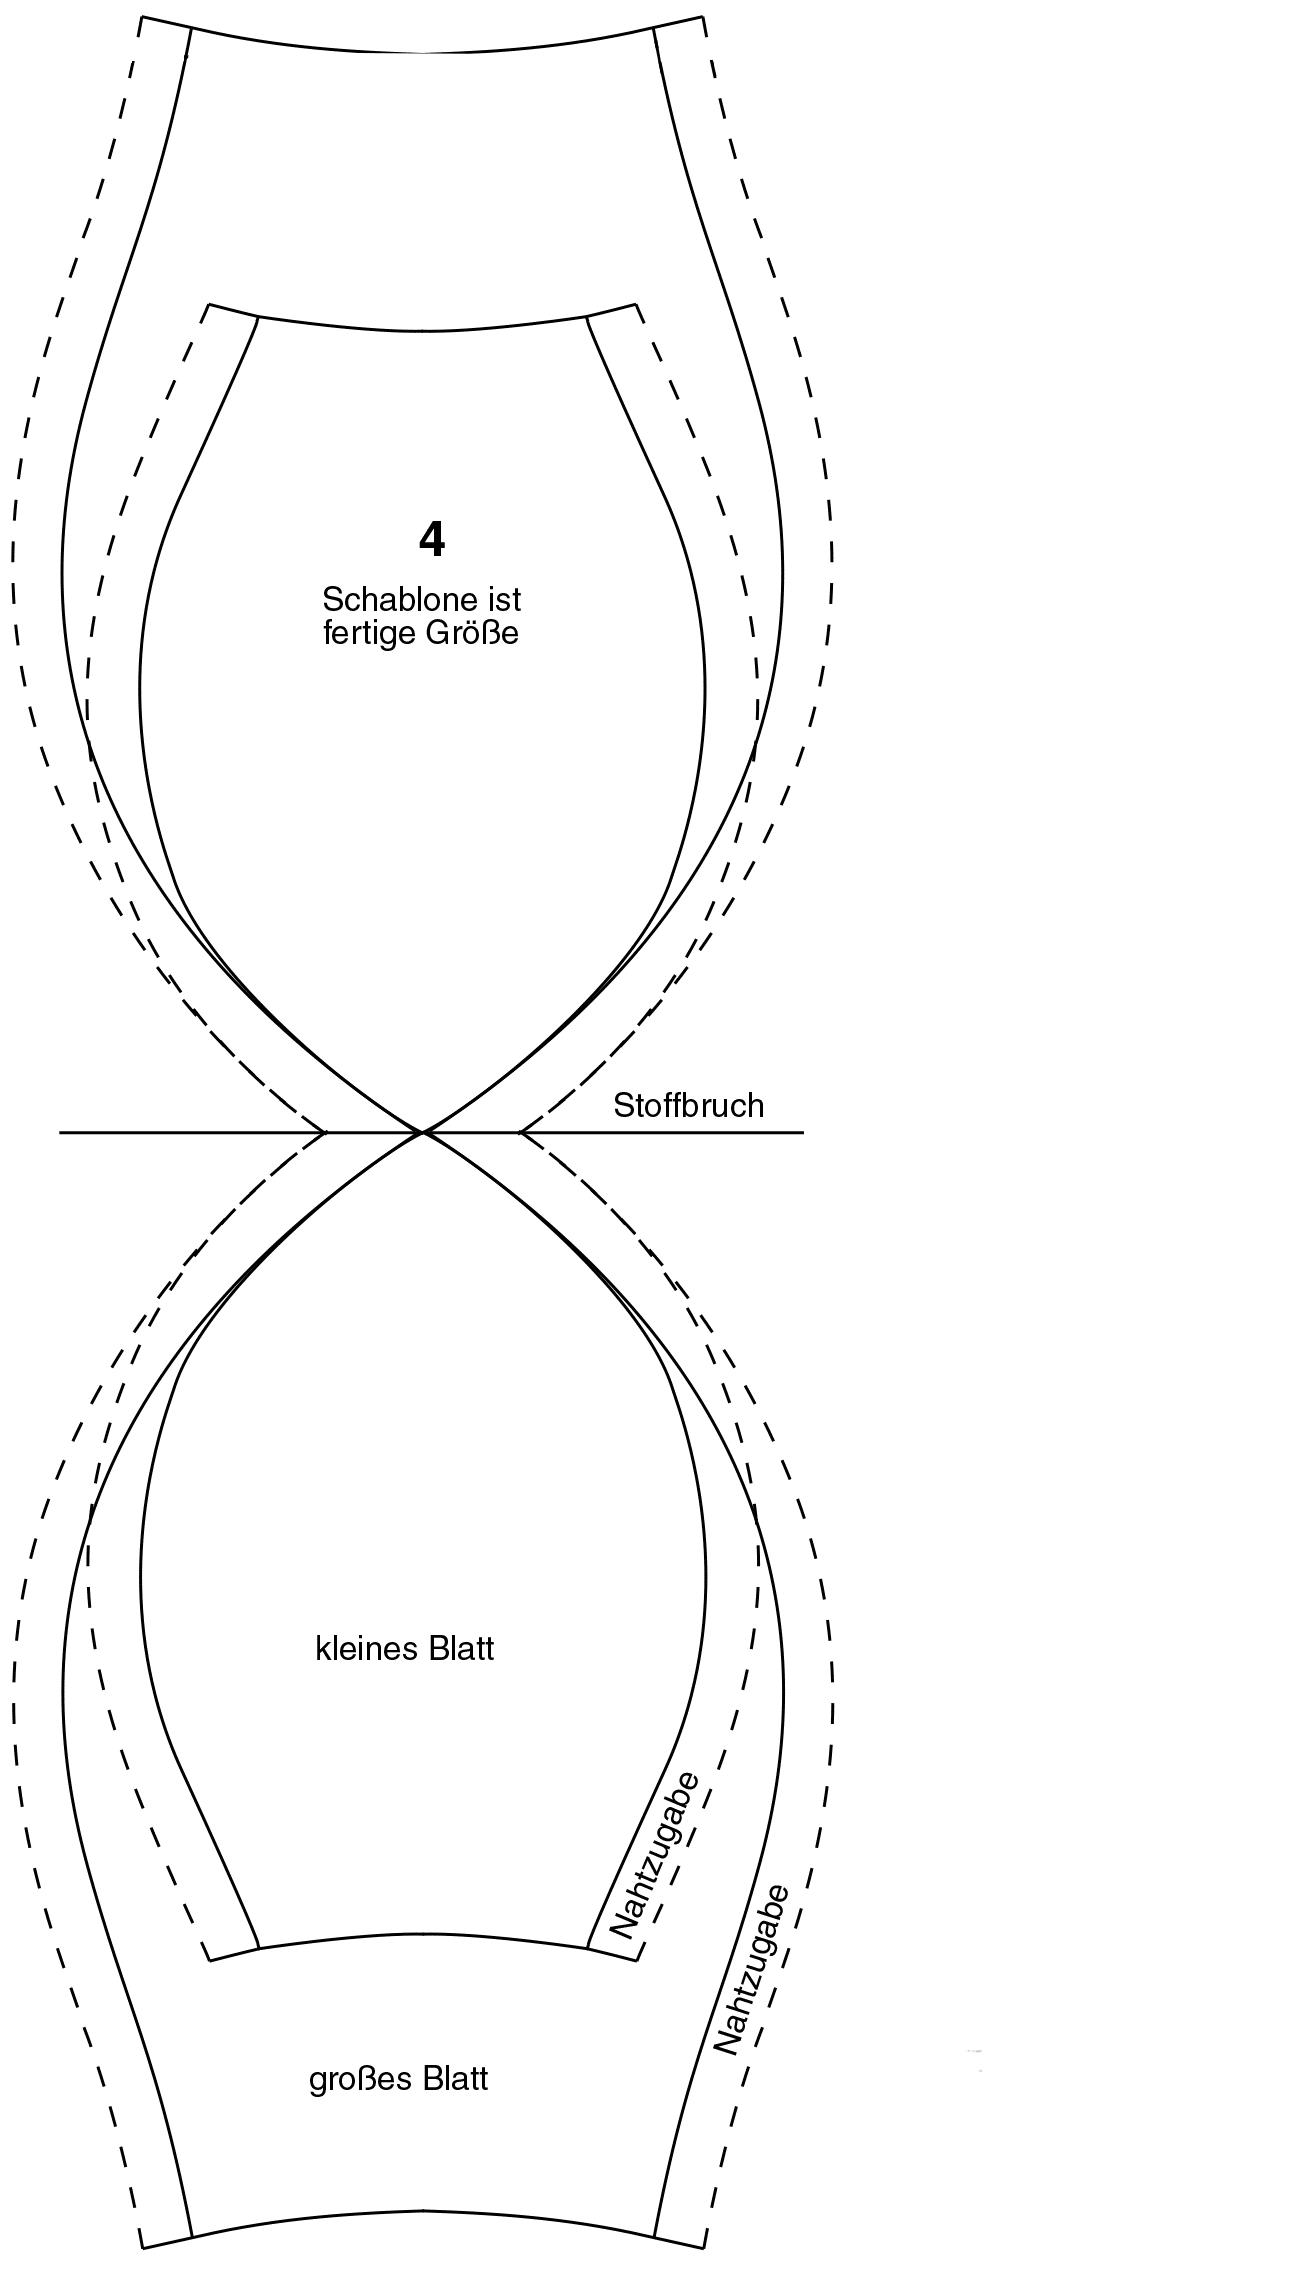 Gezeigt wird die Schnitttechnik für eine Gefüllte Rose zum Nähen als Dekoration.